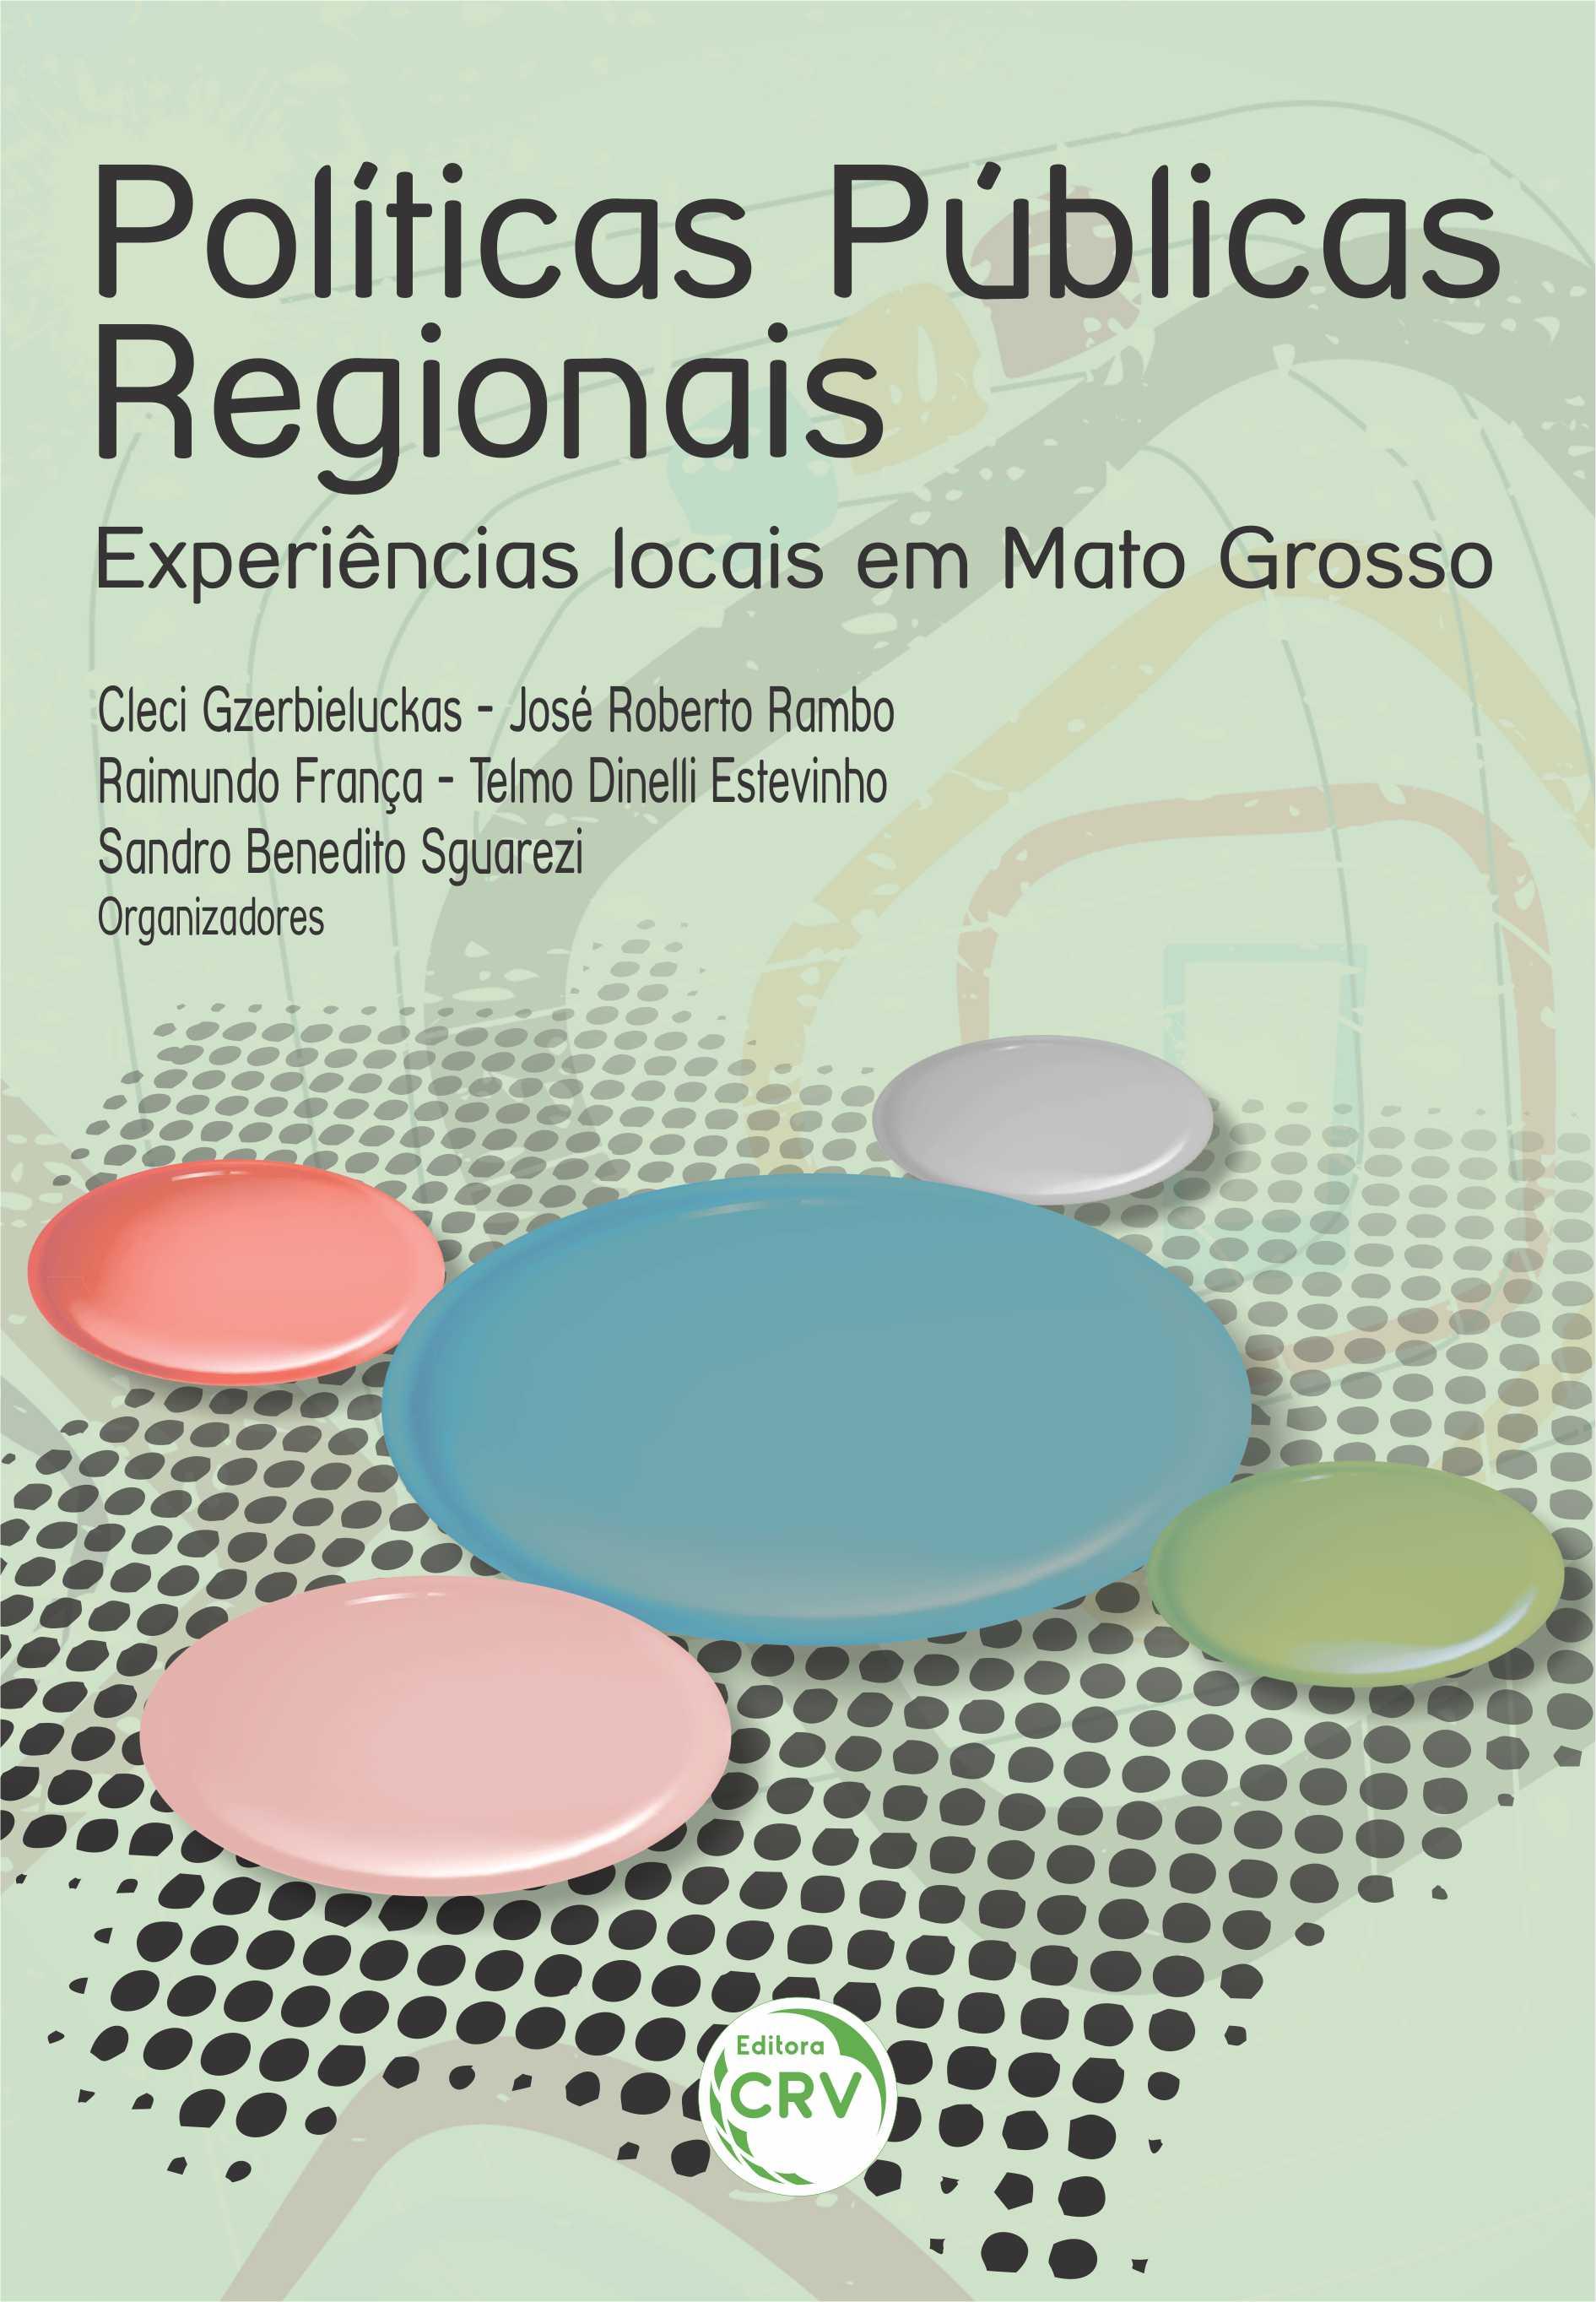 Capa do livro: POLÍTICAS PÚBLICAS REGIONAIS: <br>experiências locais em Mato Grosso